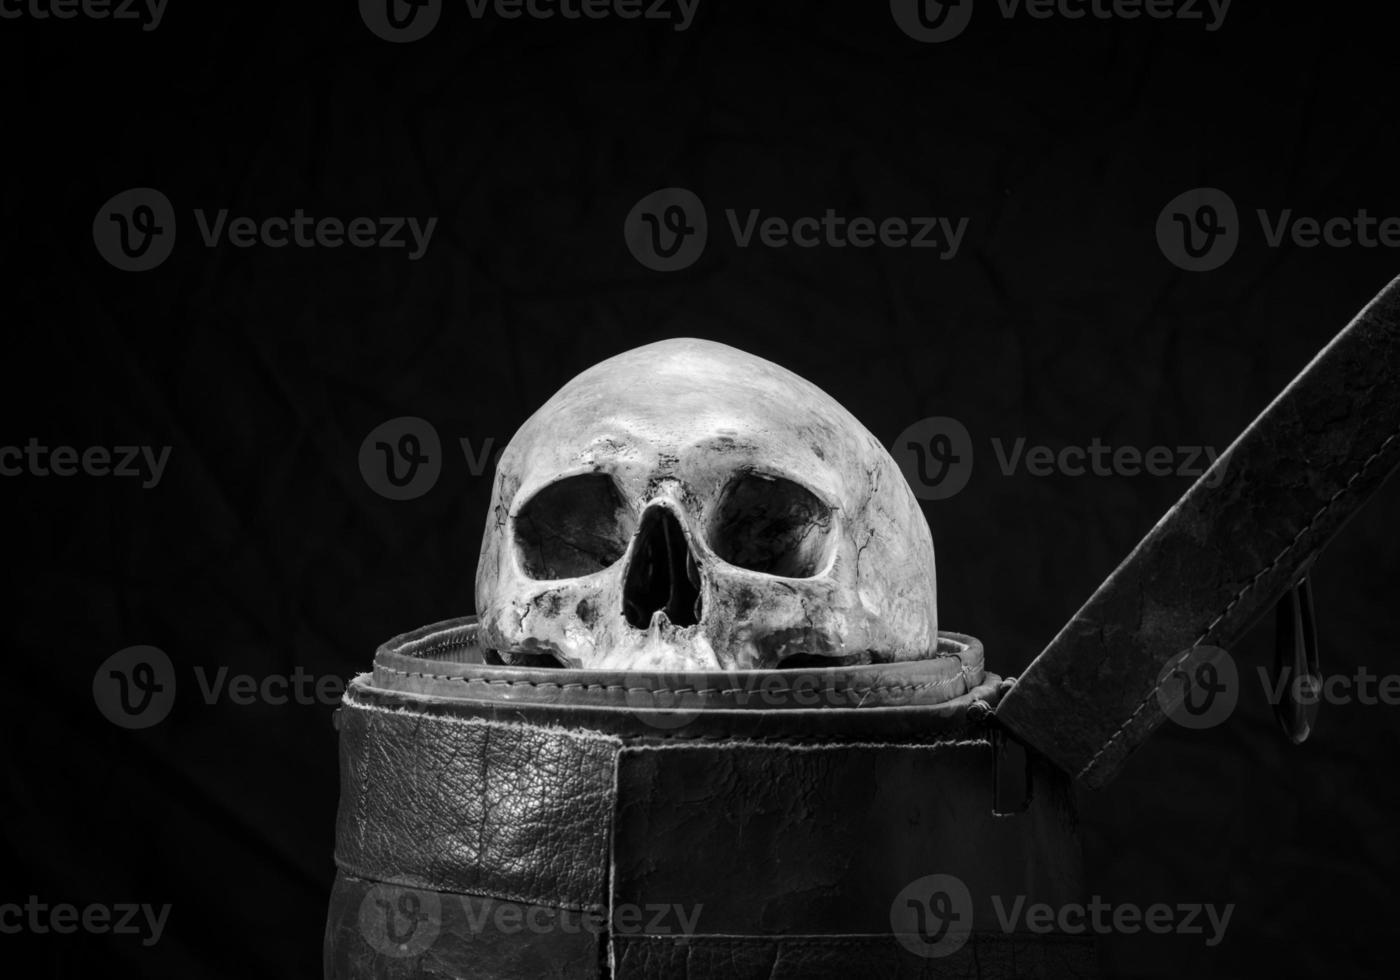 il cranio umano è collocato in una vecchia scatola di cuoio foto